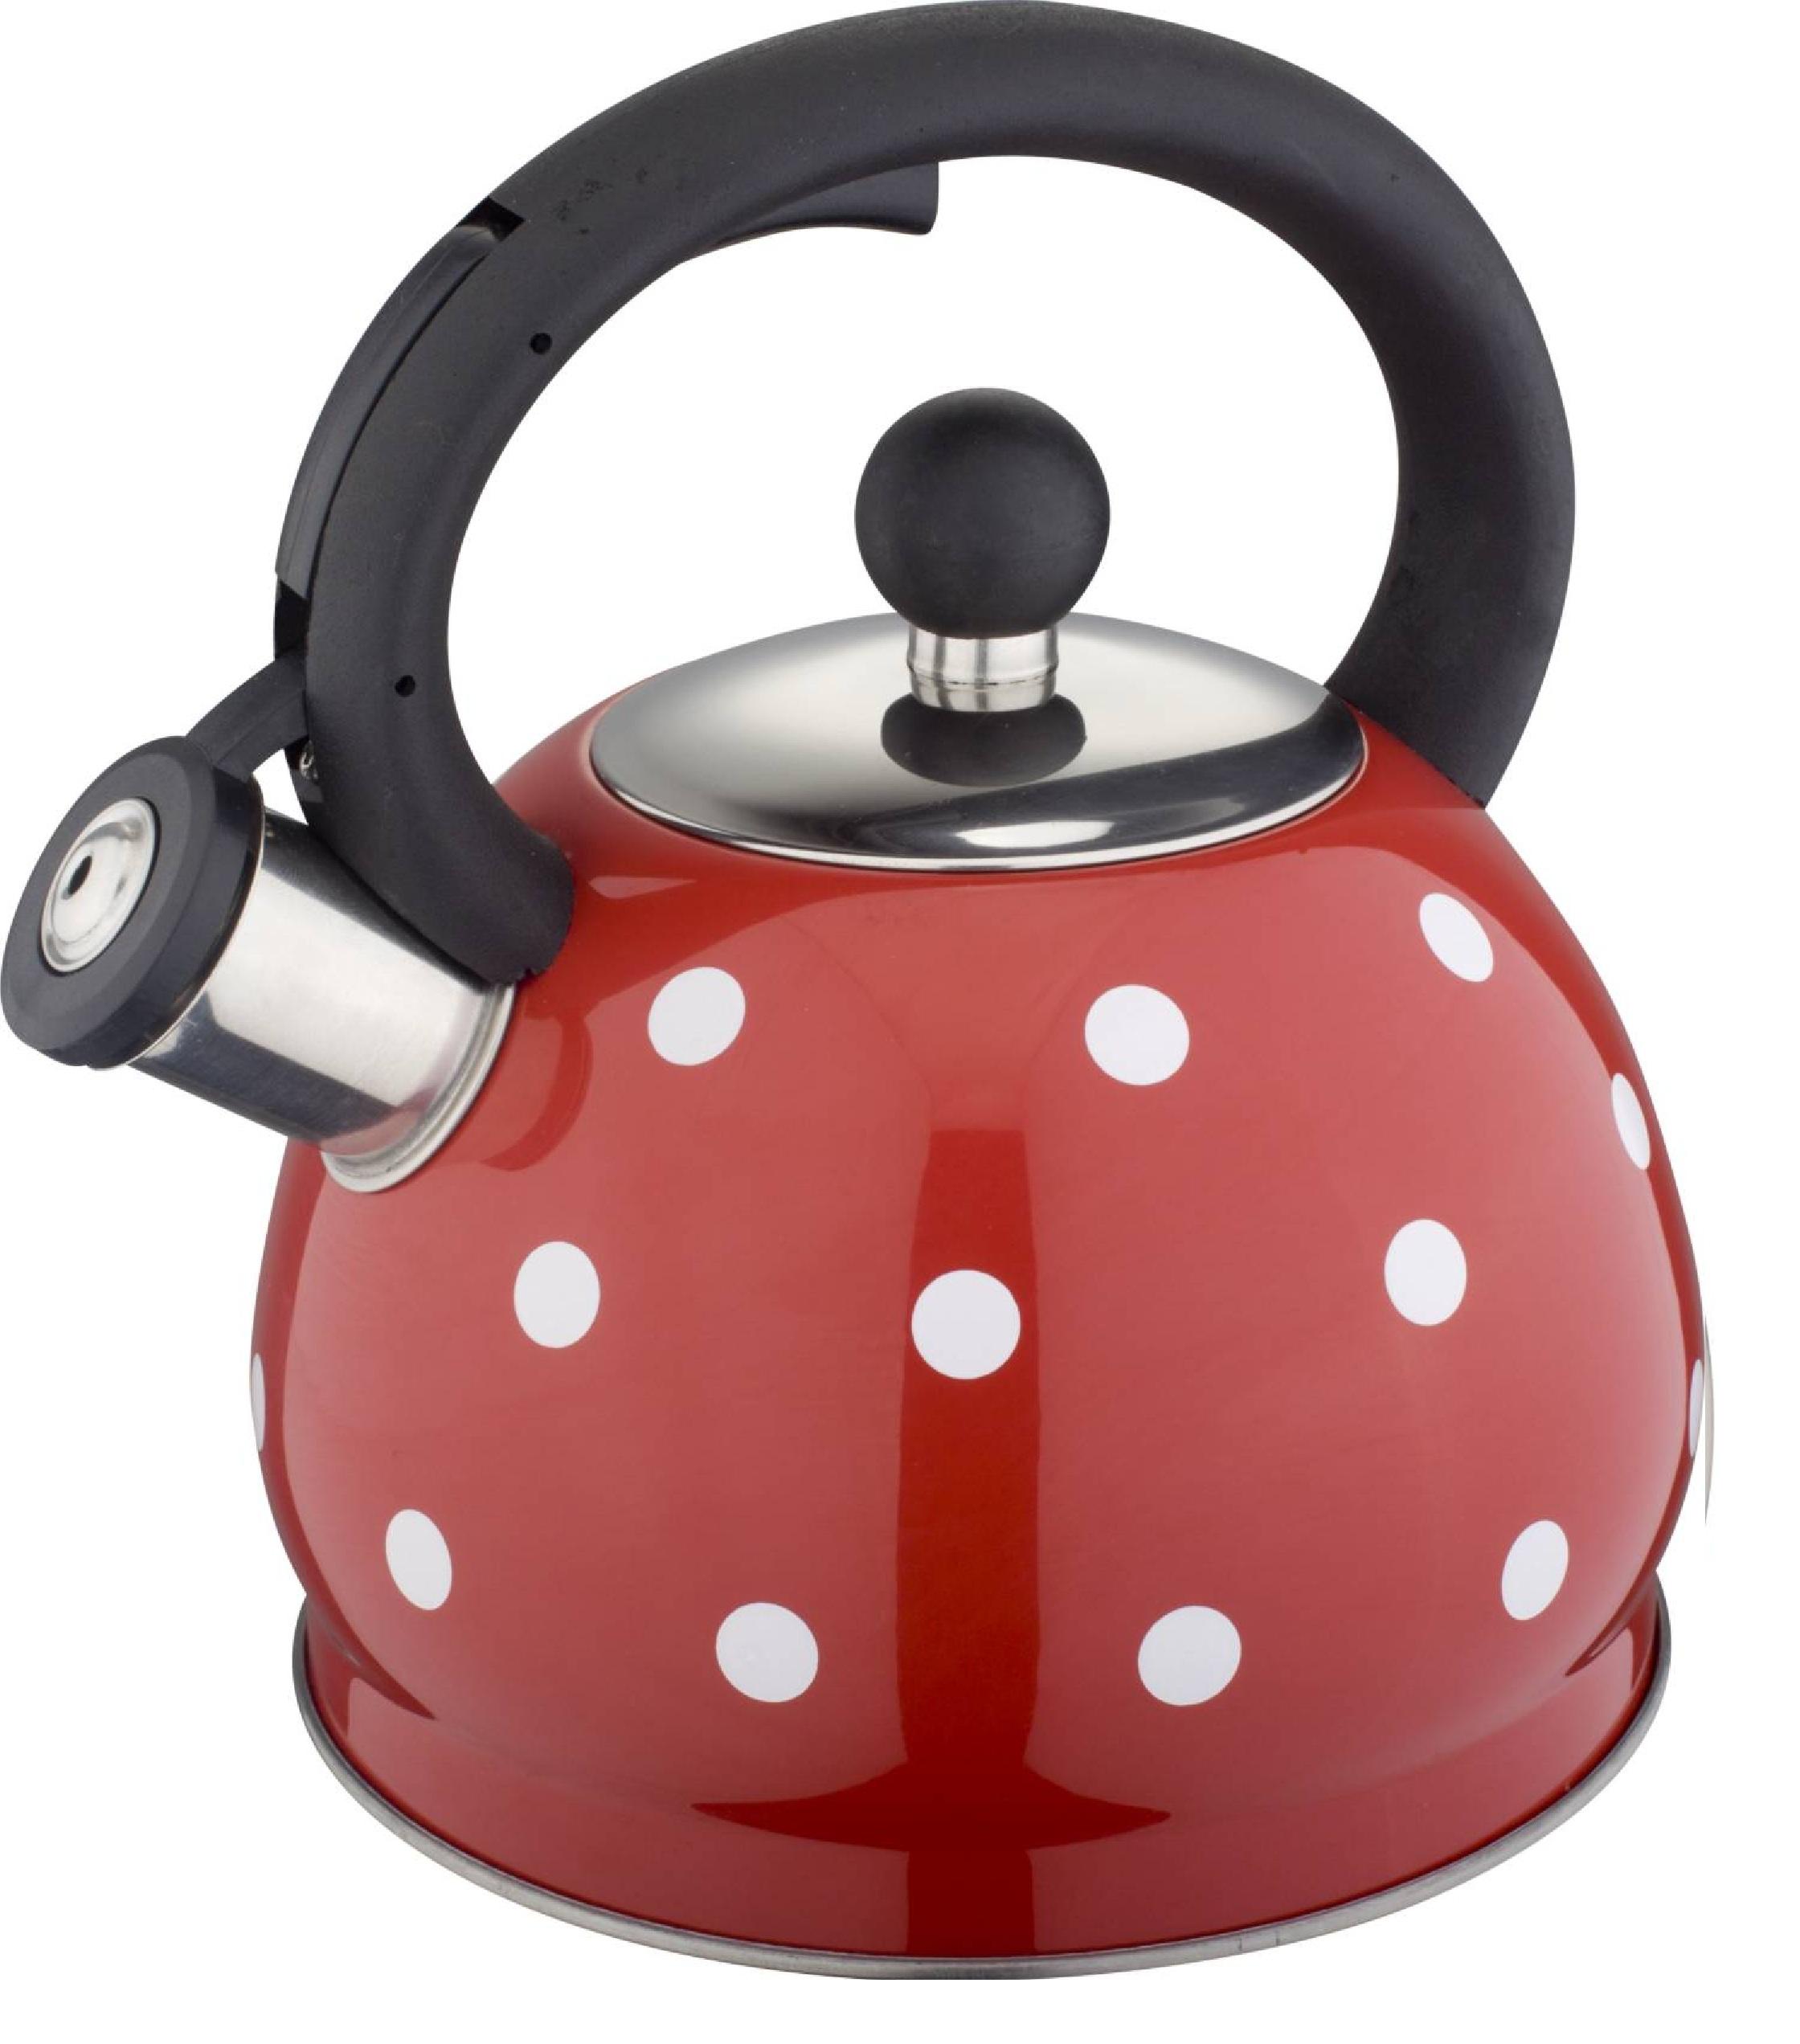 Чайник со свистком 2 л Красный в белый горох HM 5528/1